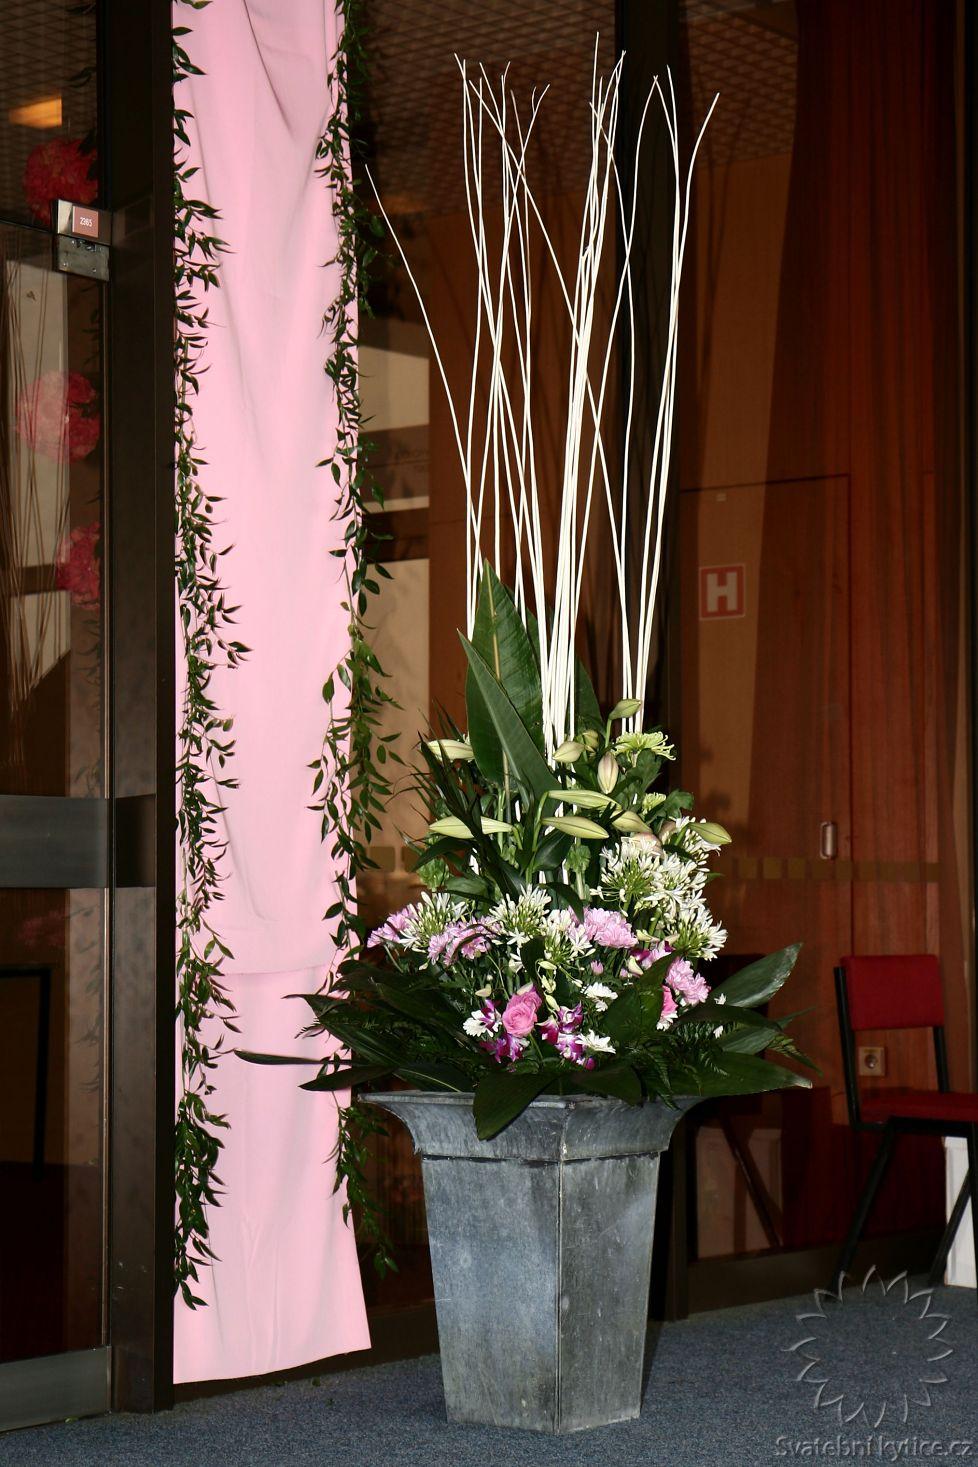 Kvetinove Dekorace Kongresove Centrum Praha Mary Kay 585